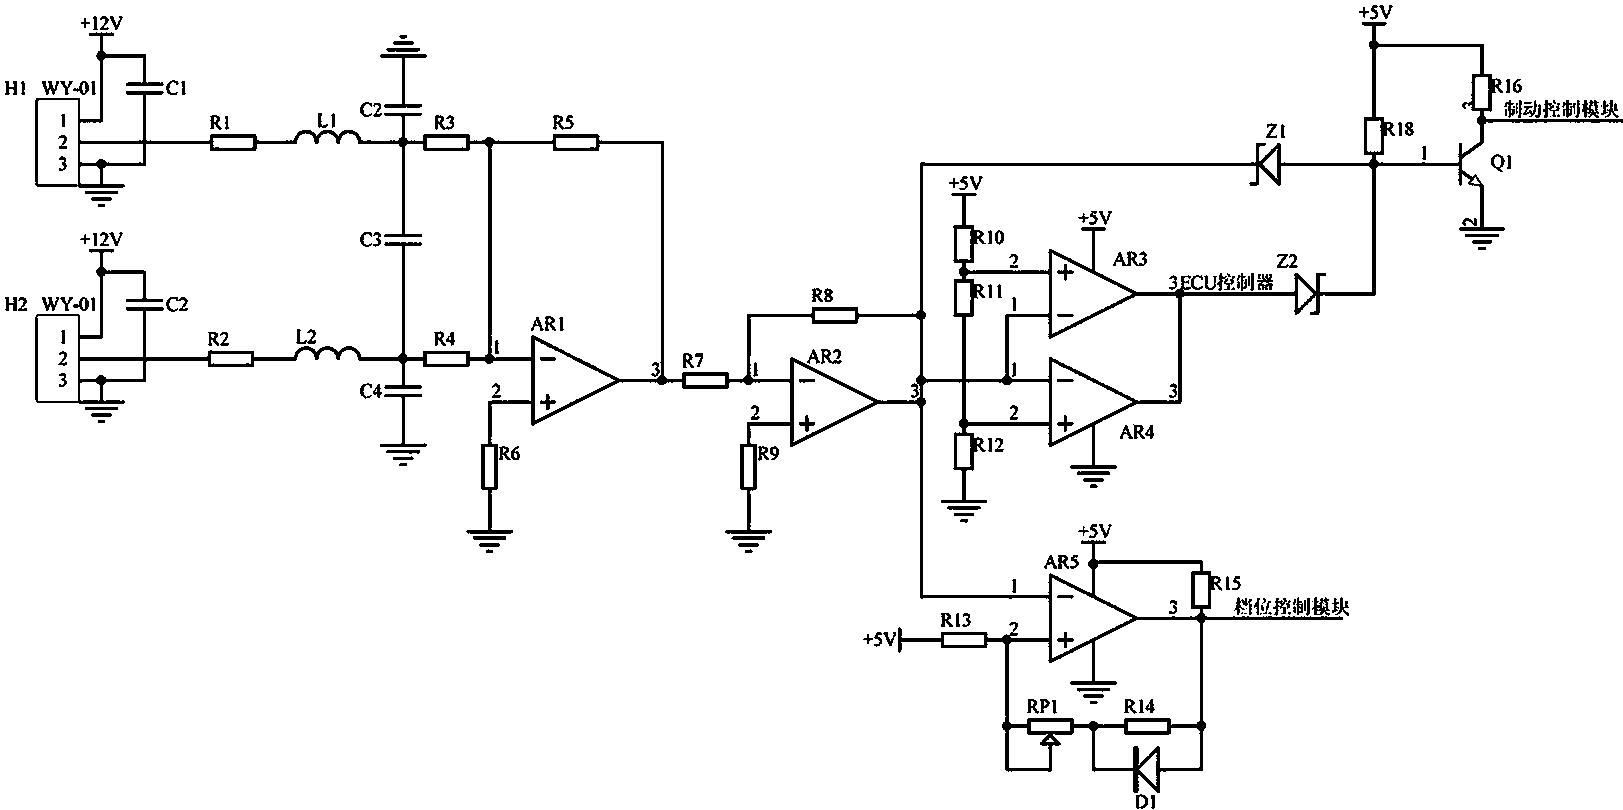 cn107976993a_电动汽车加速踏板信号去噪及微波处理电路在审